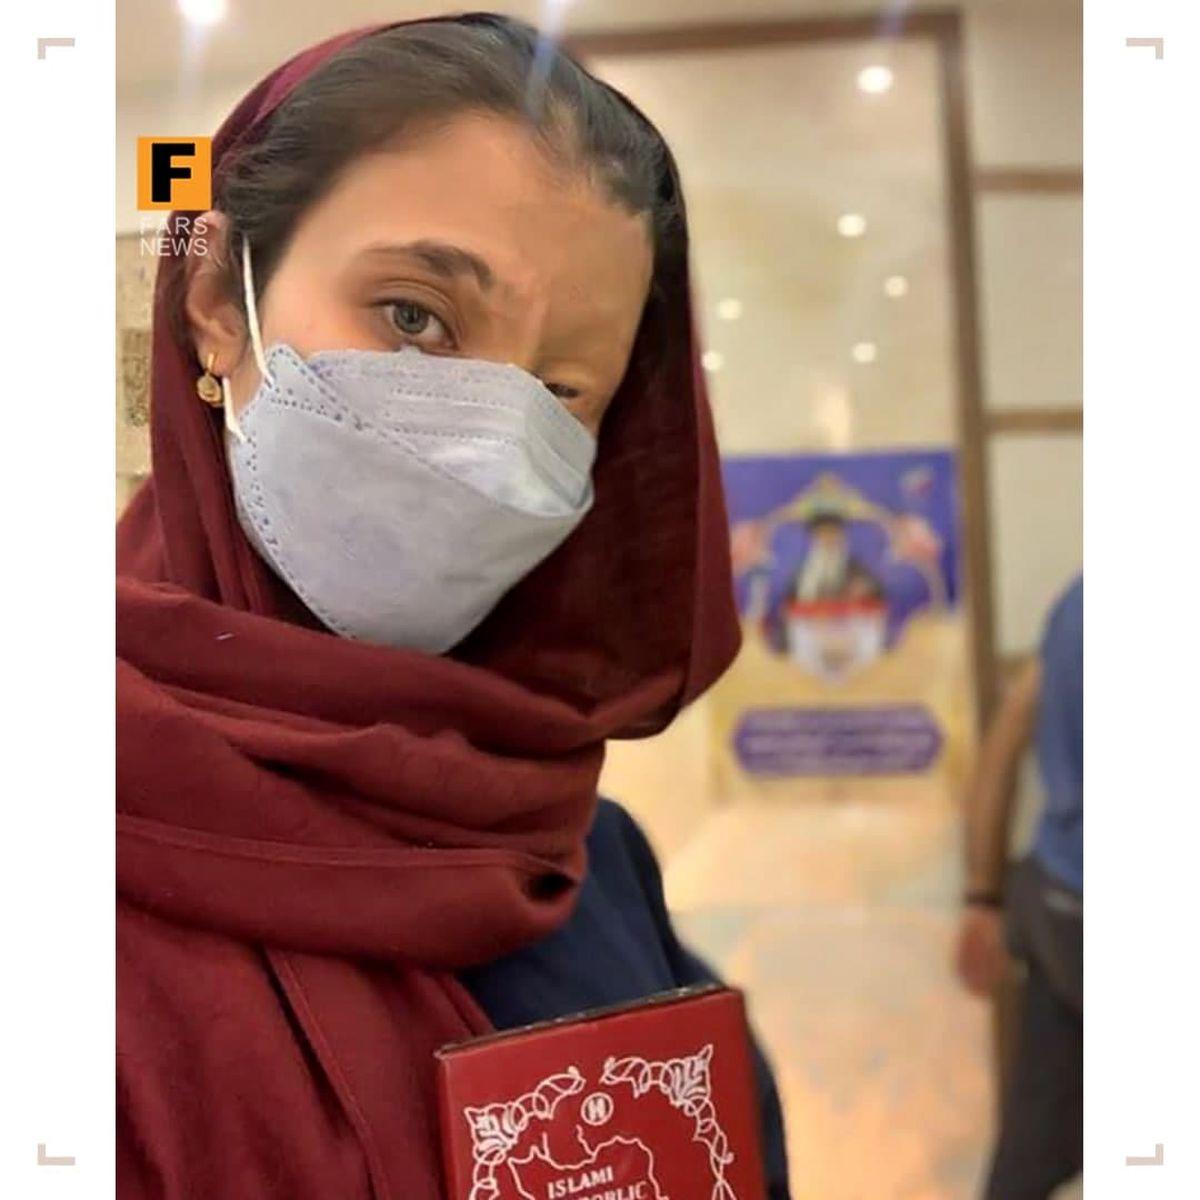 دختری که باعث عصبانیت رسانههای ضدانقلاب شد! +عکس